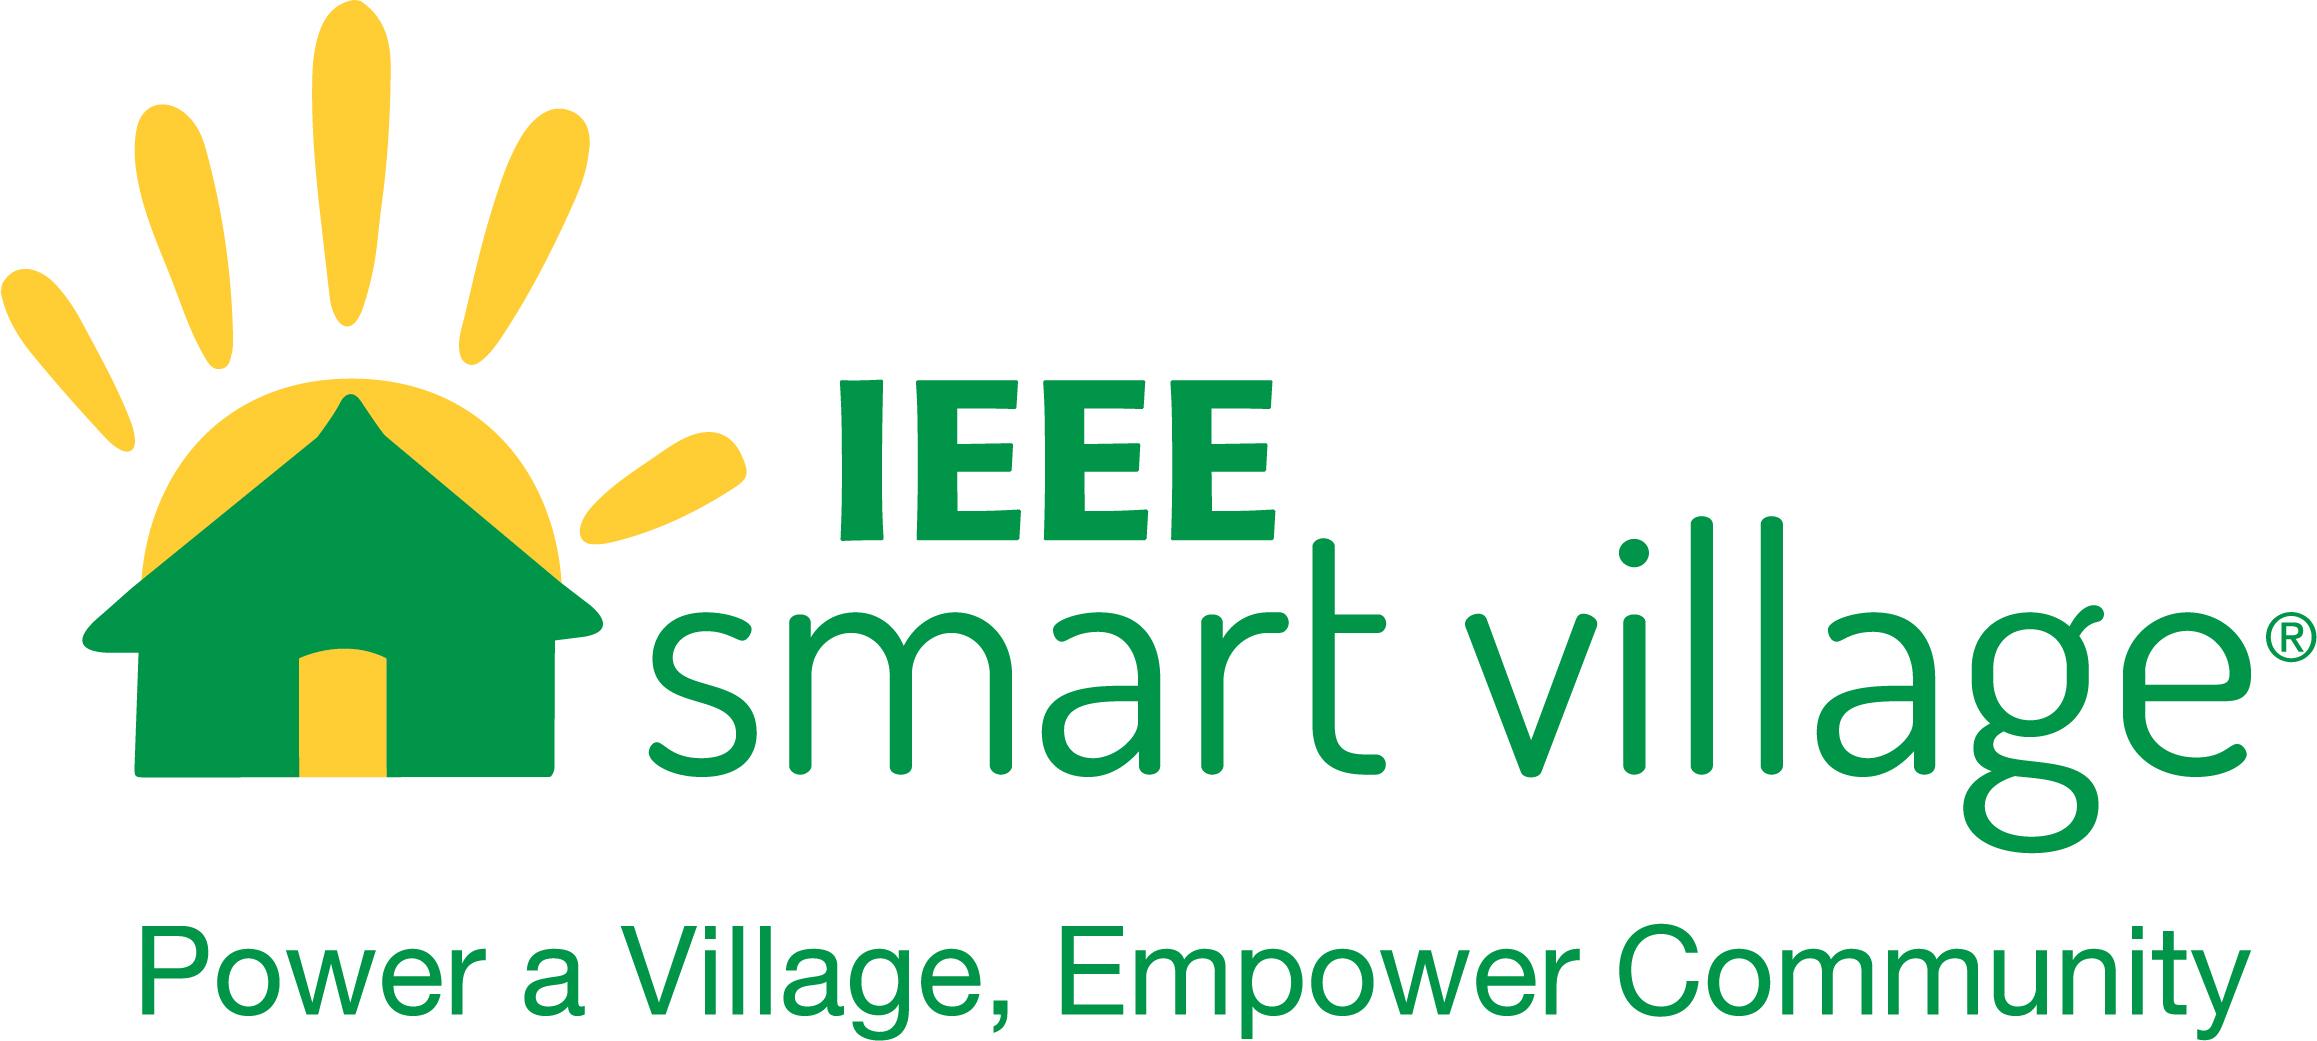 SmartVillageR_tagline.jpg